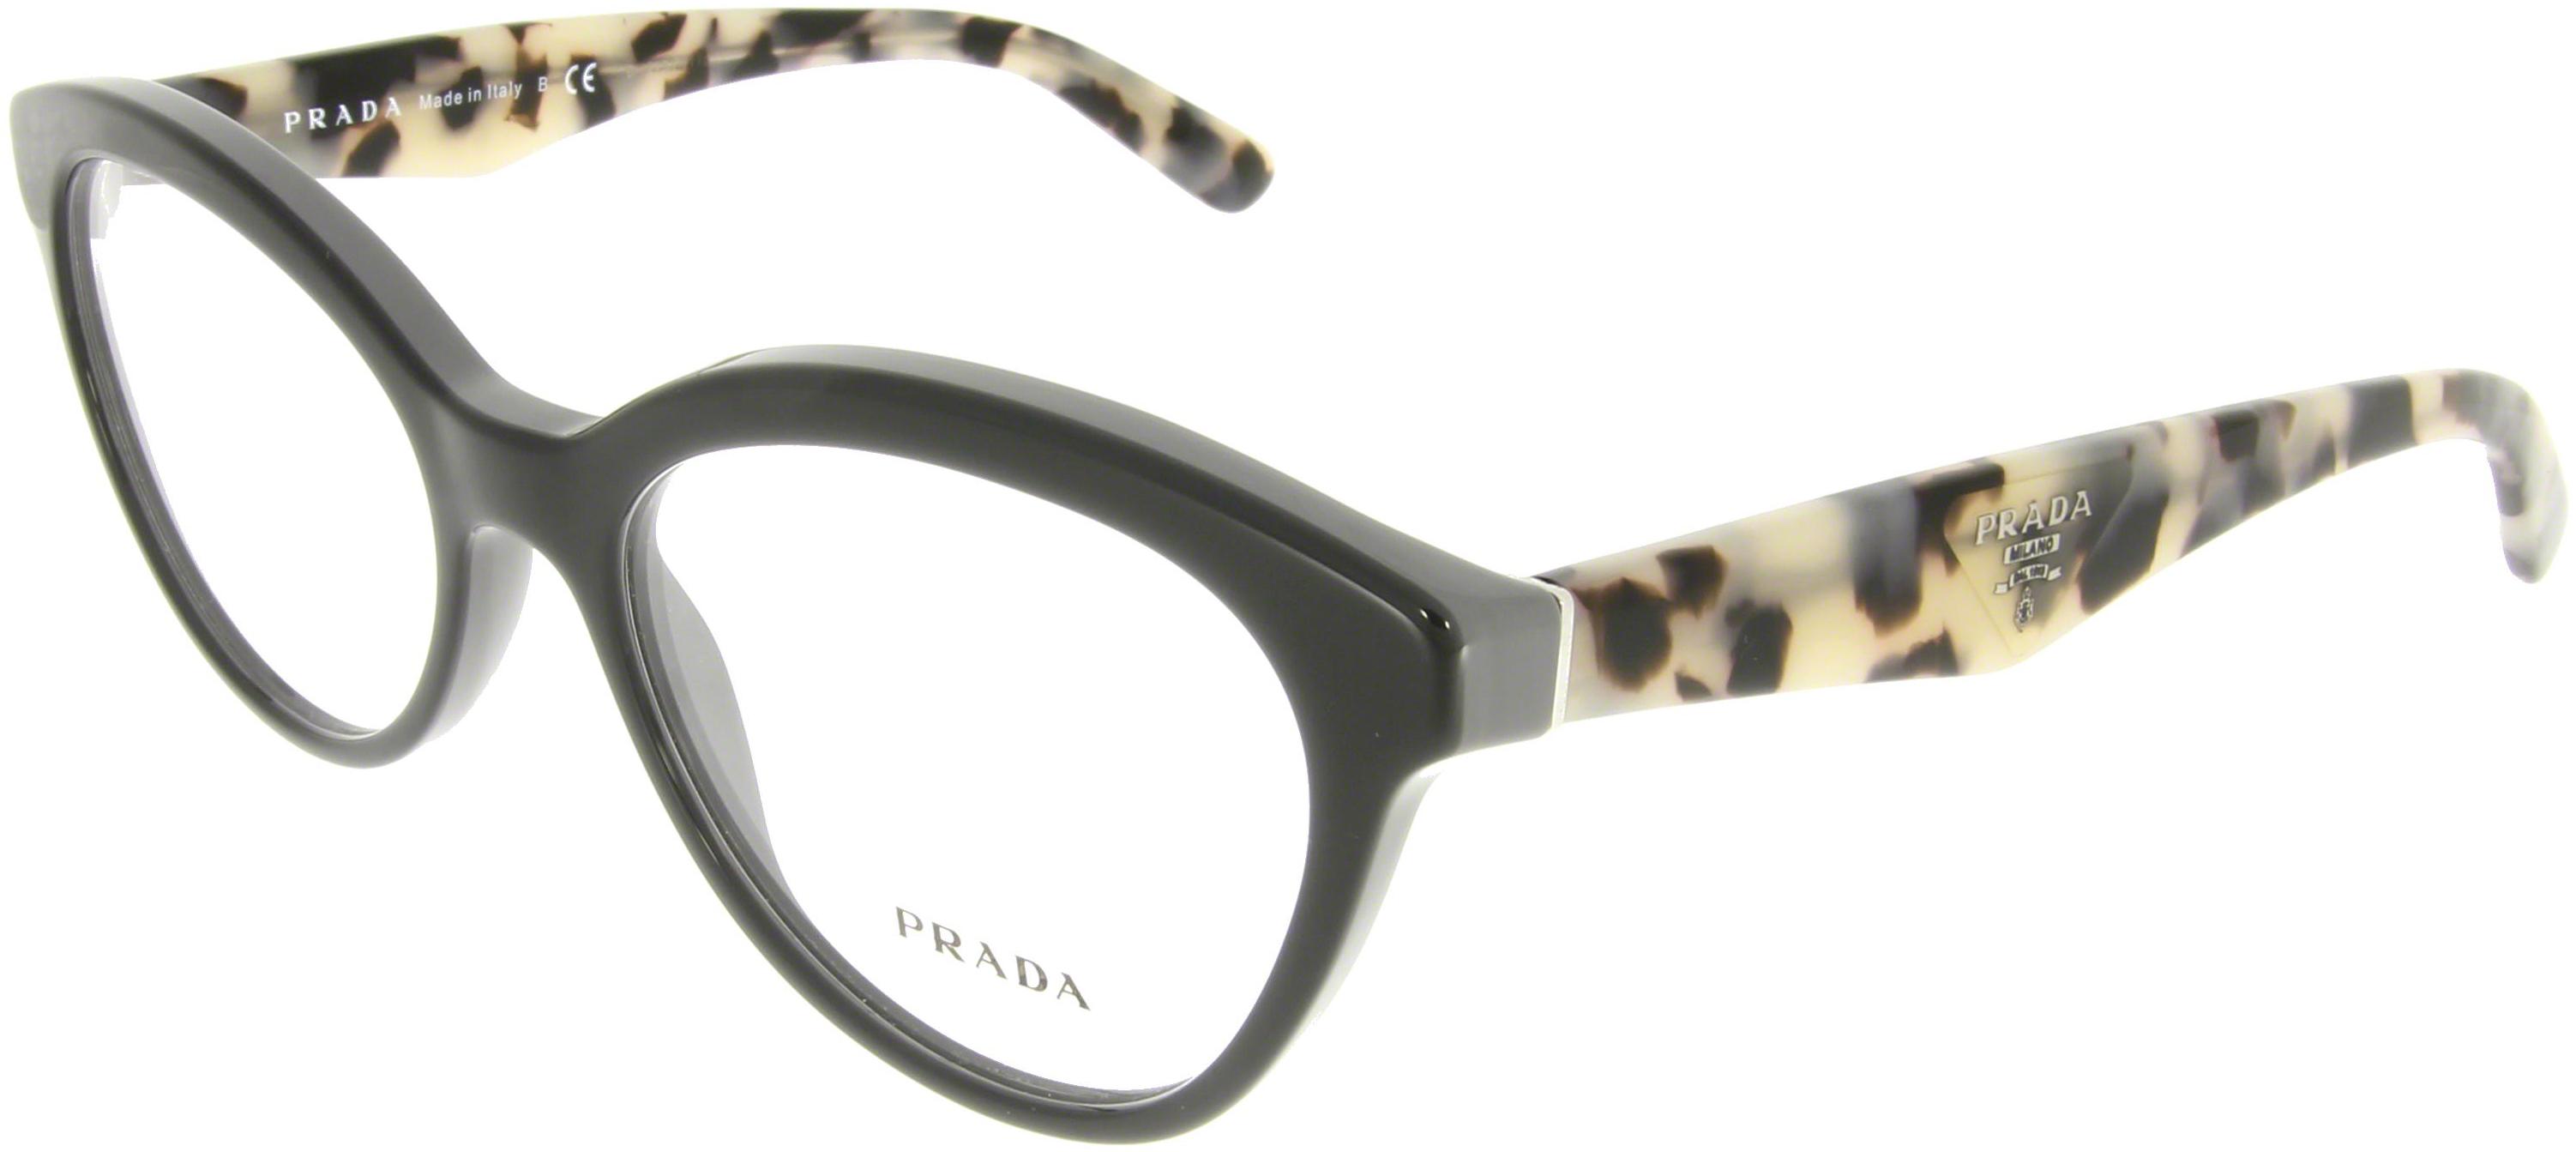 Günstige Prada Brillen kaufen - Ab 129 € inkl. Versand